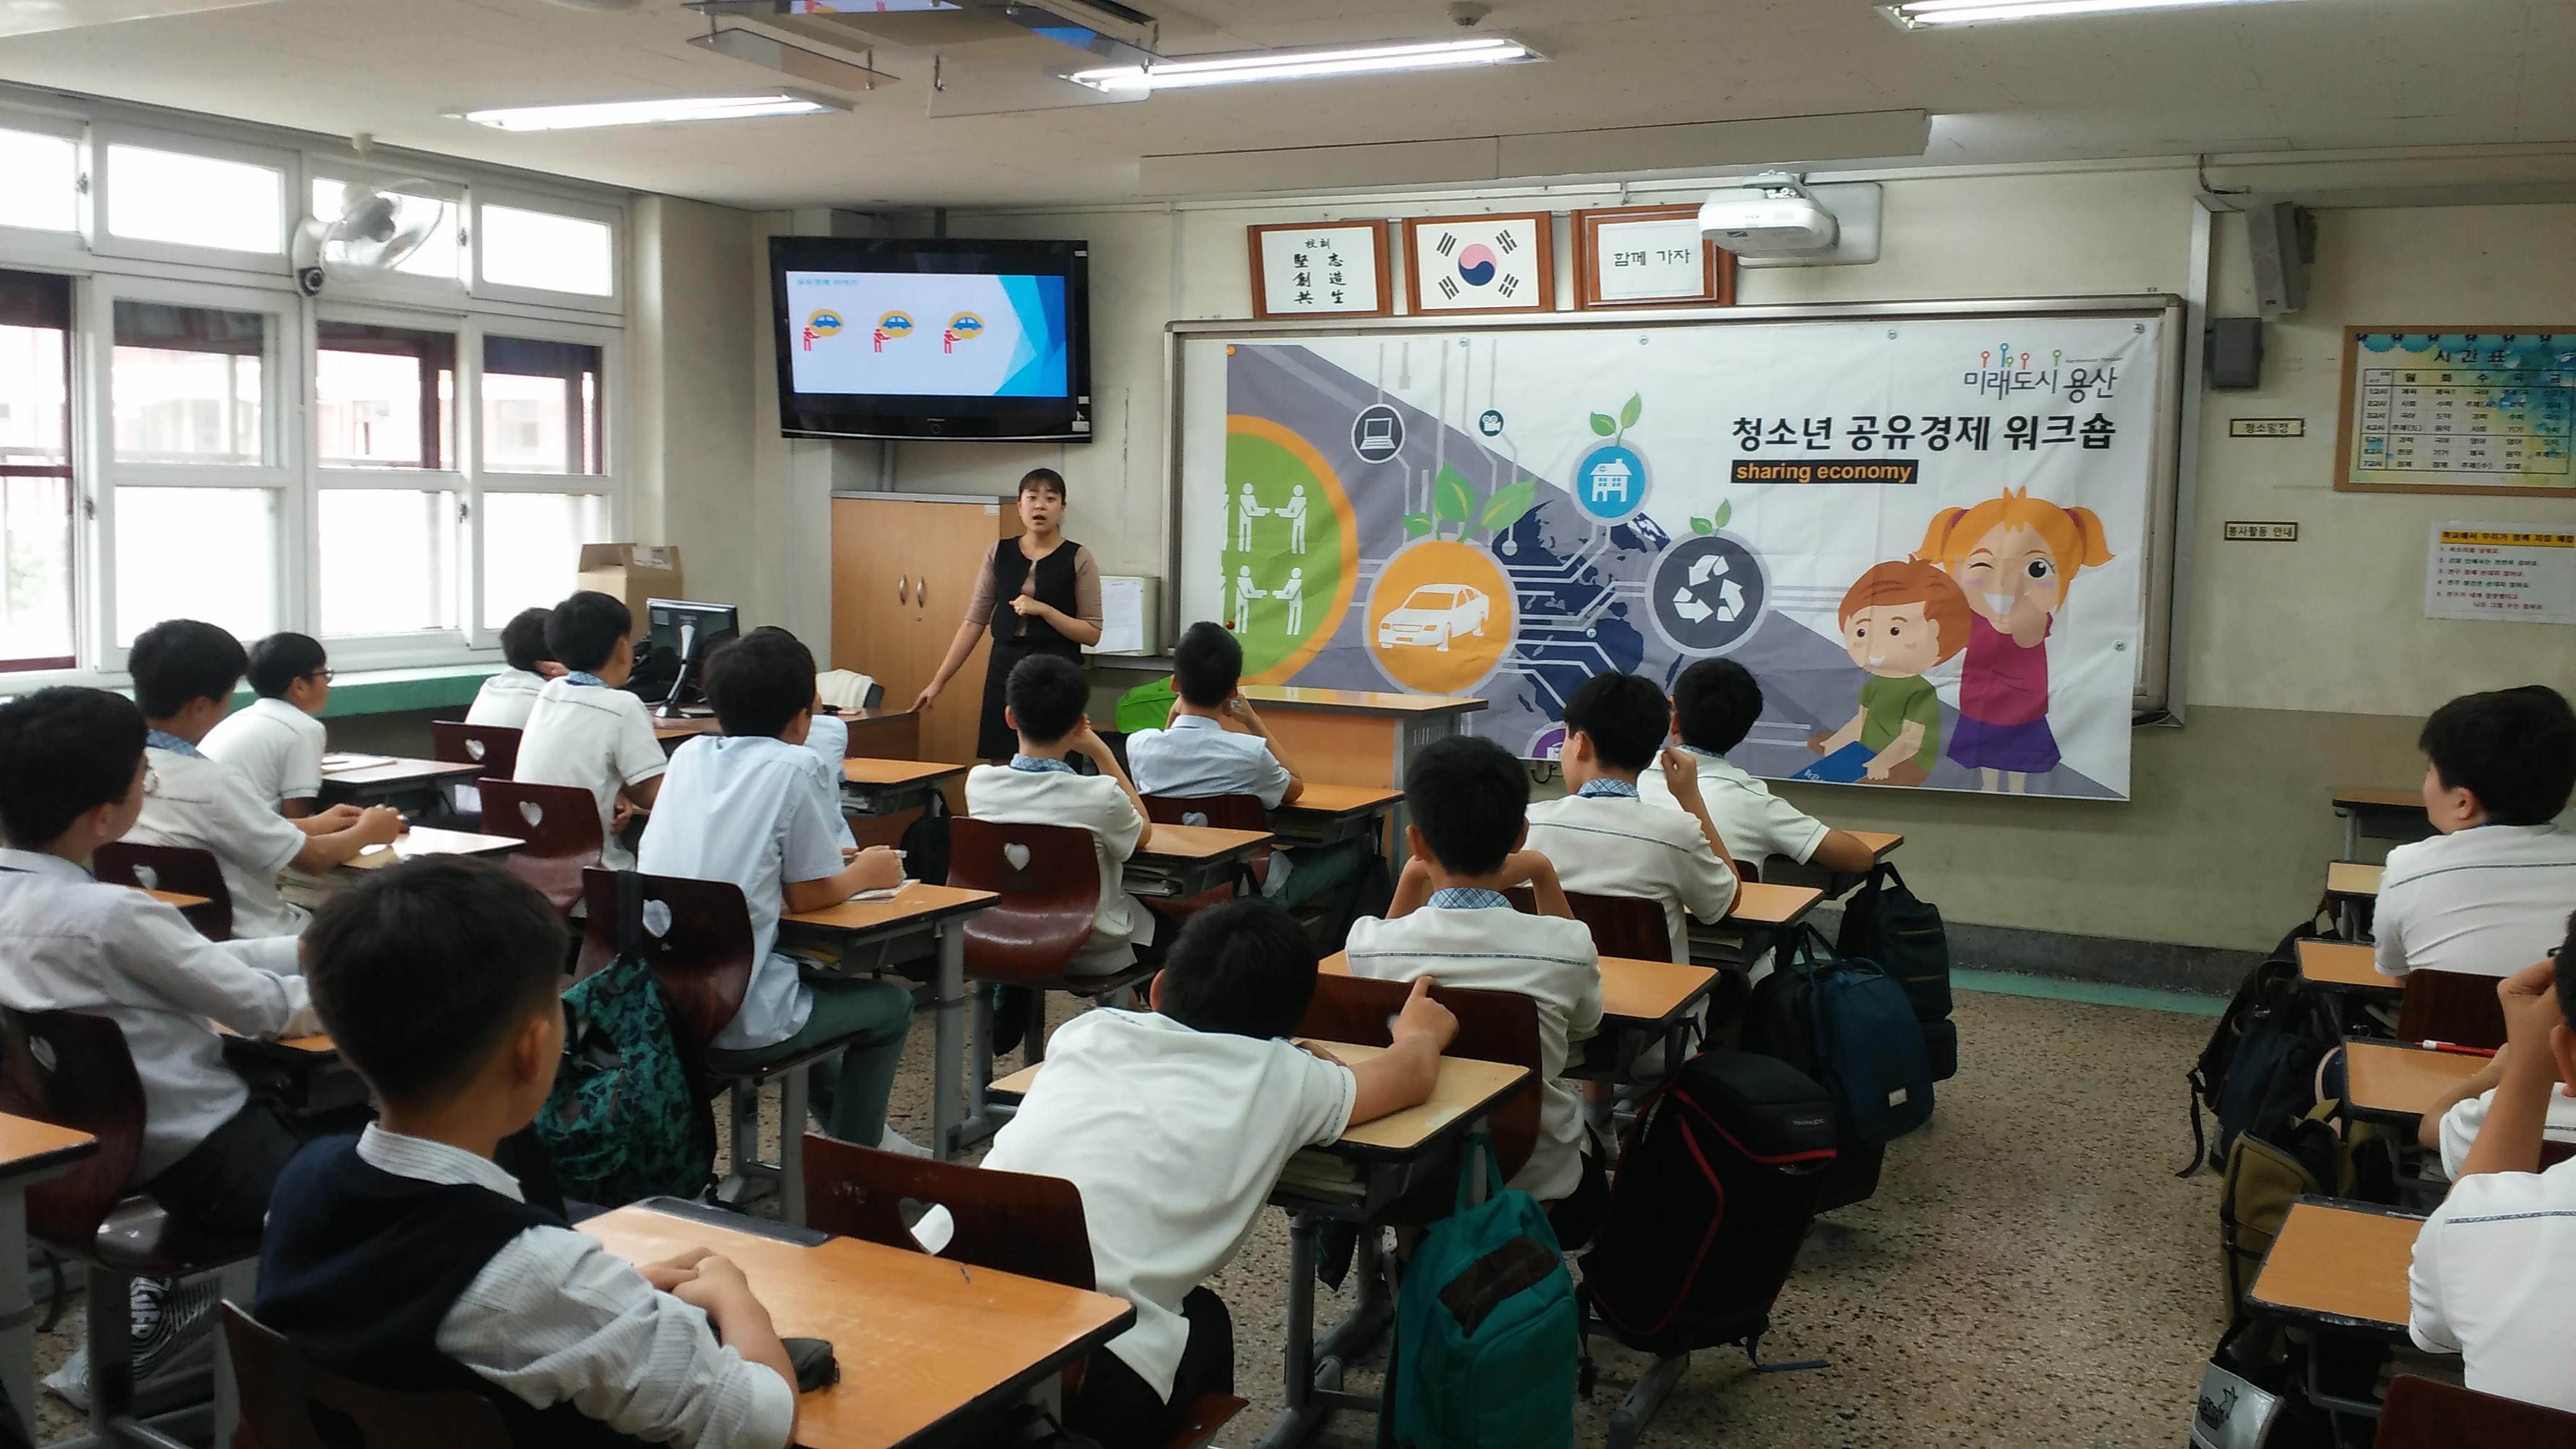 용산구 청소년 공유경제 워크숍, 배문중학교